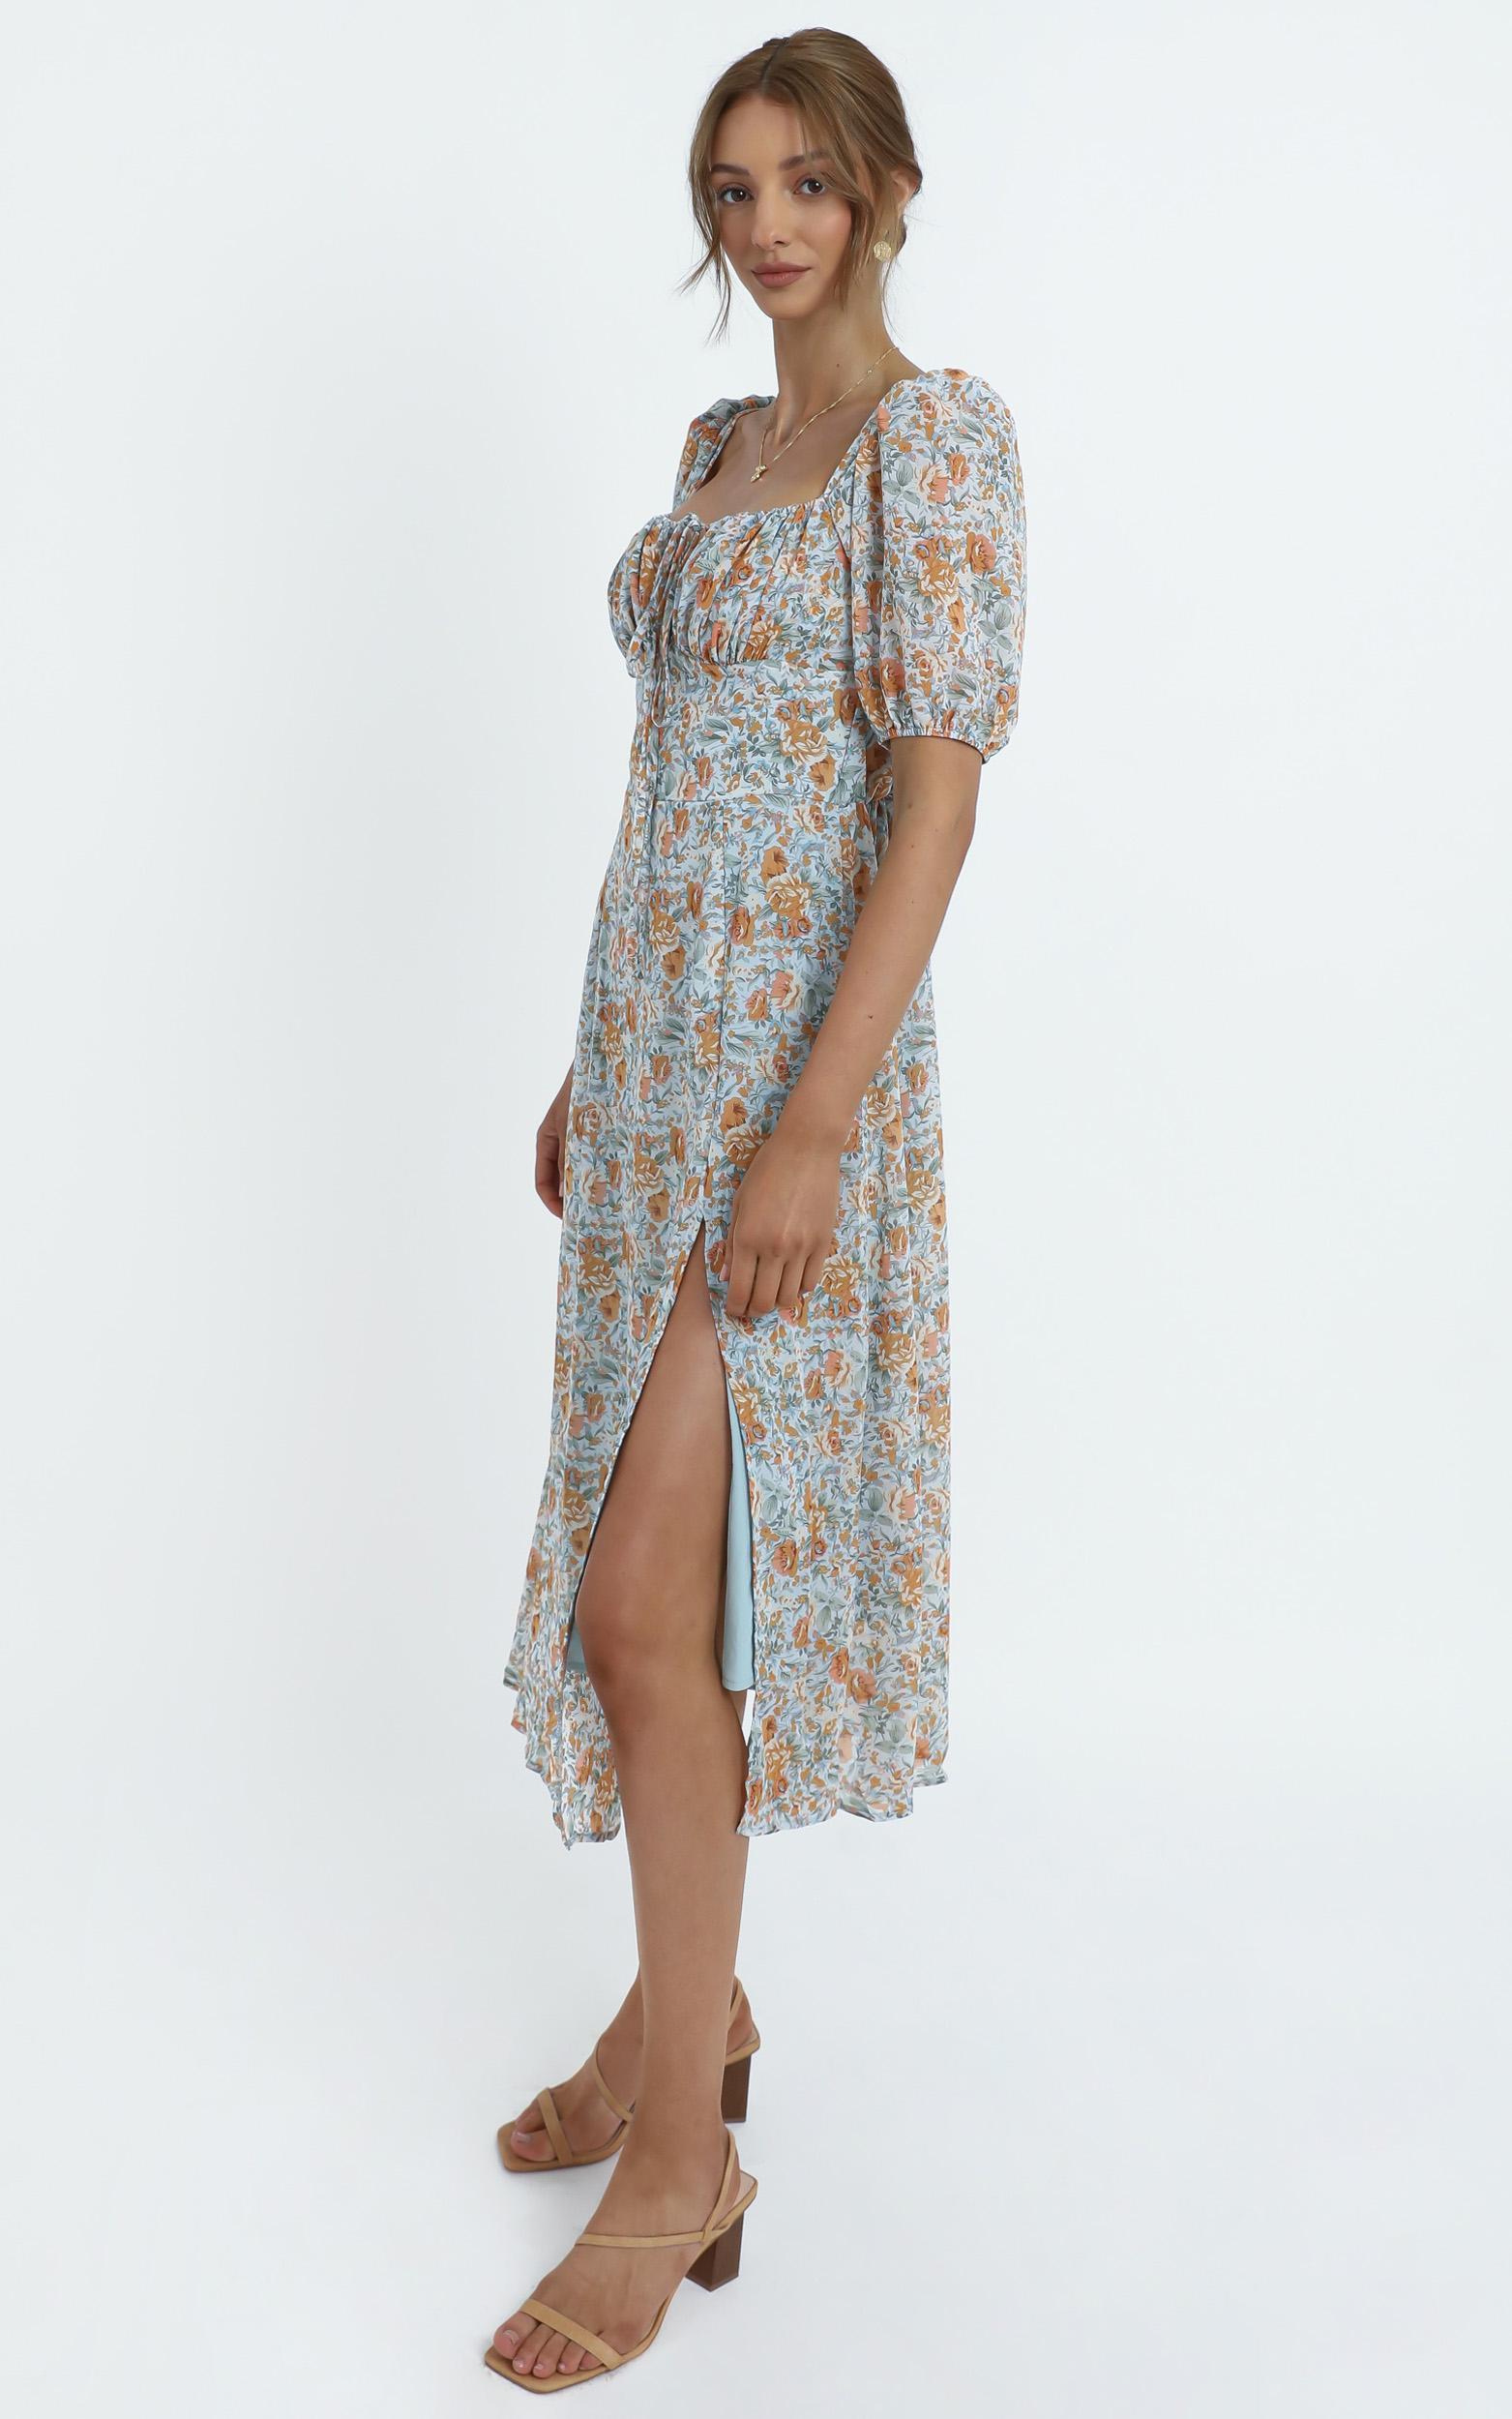 Delora Dress in Blue Floral, Blue, hi-res image number null